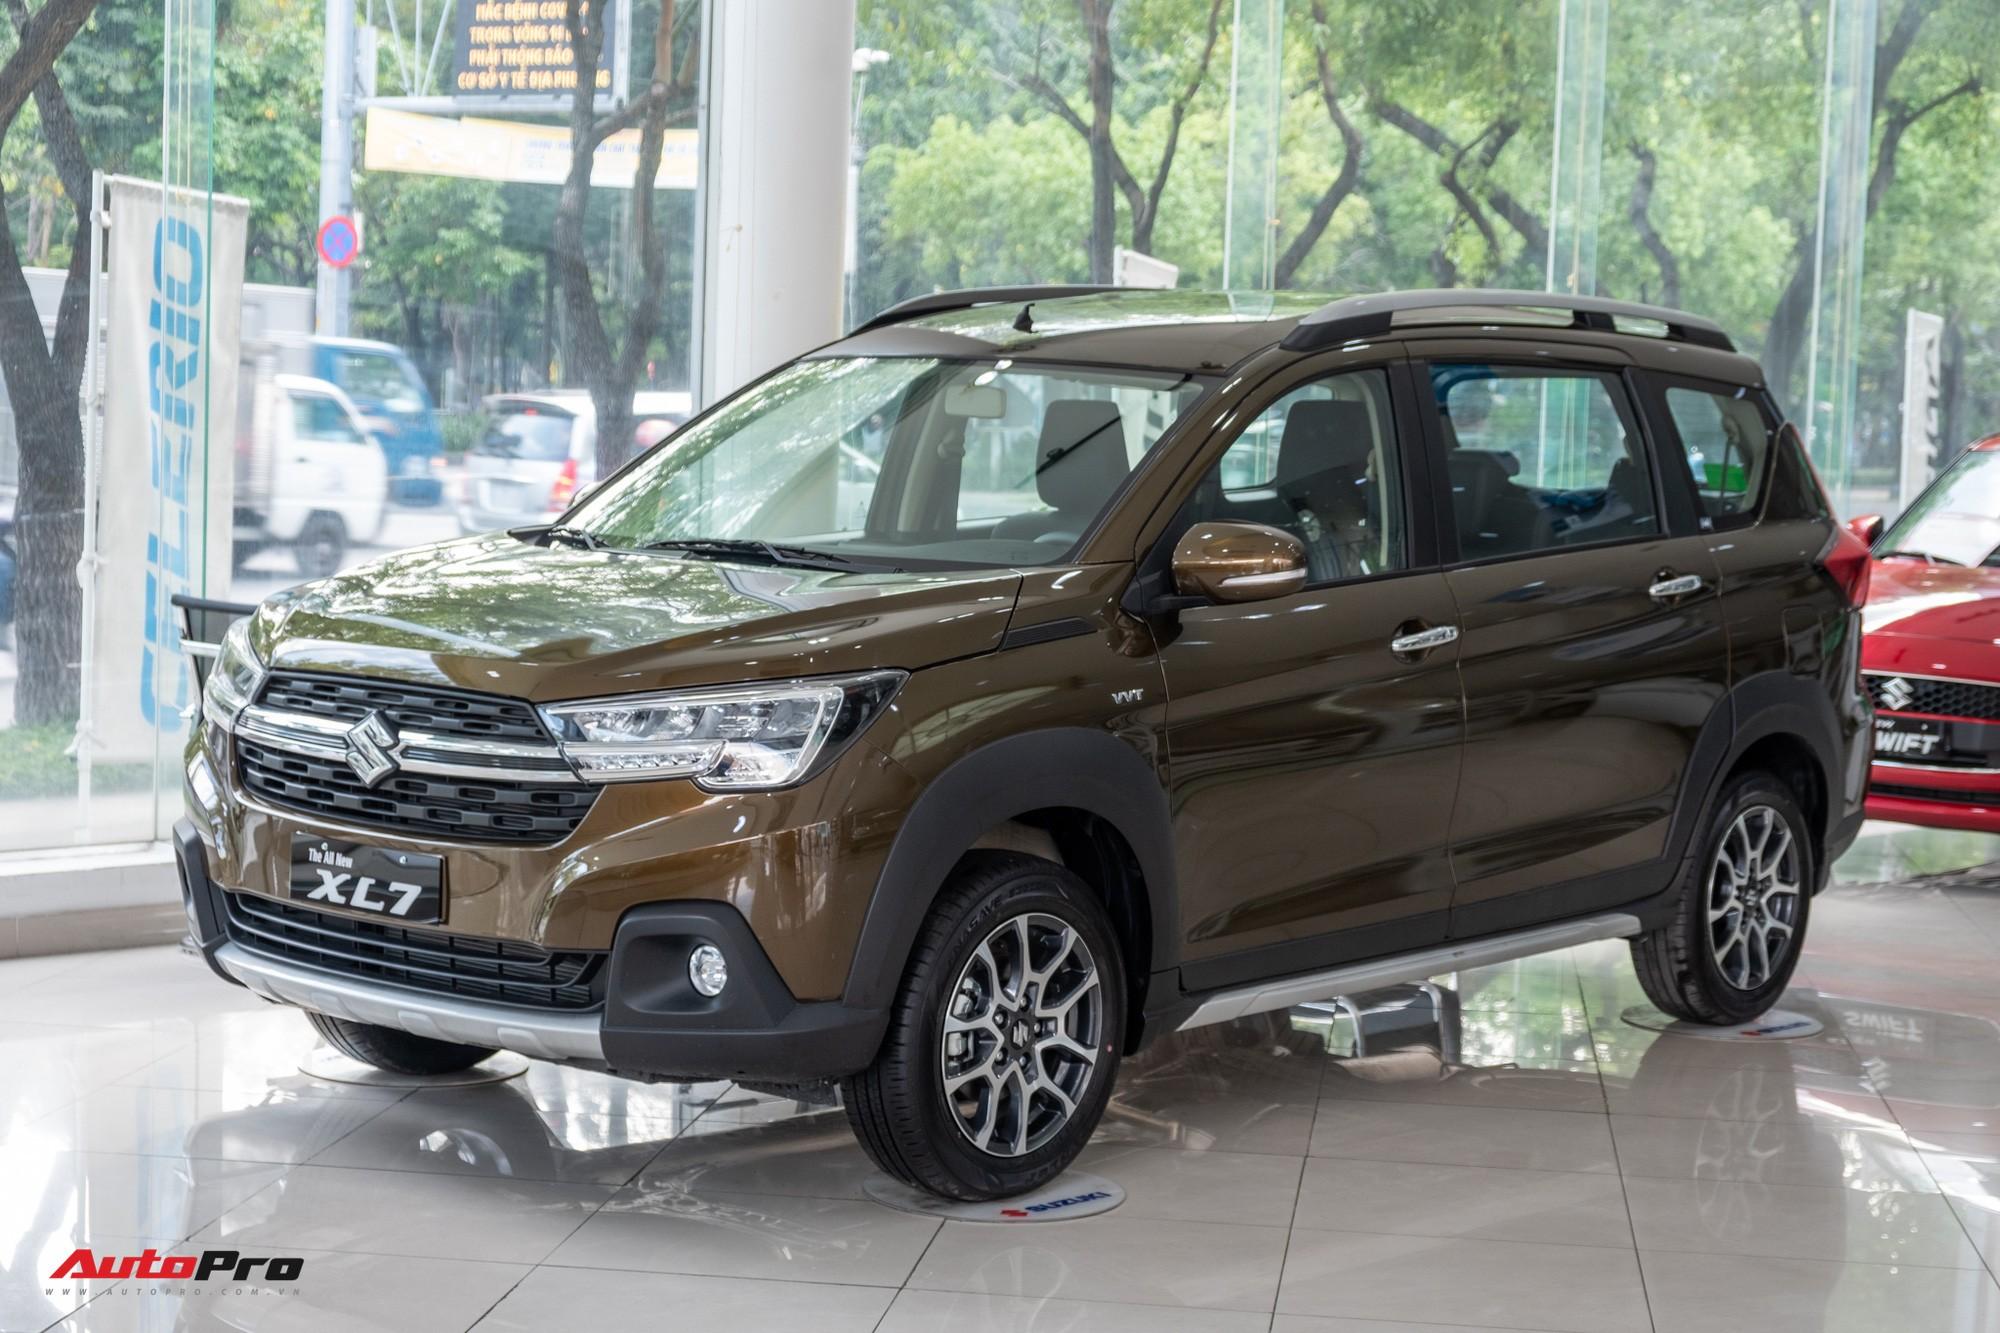 Chi tiết Suzuki XL7 giá 589 triệu đồng vừa về đại lý - Bản vá thức thời của Ertiga để đấu Mitsubishi Xpander